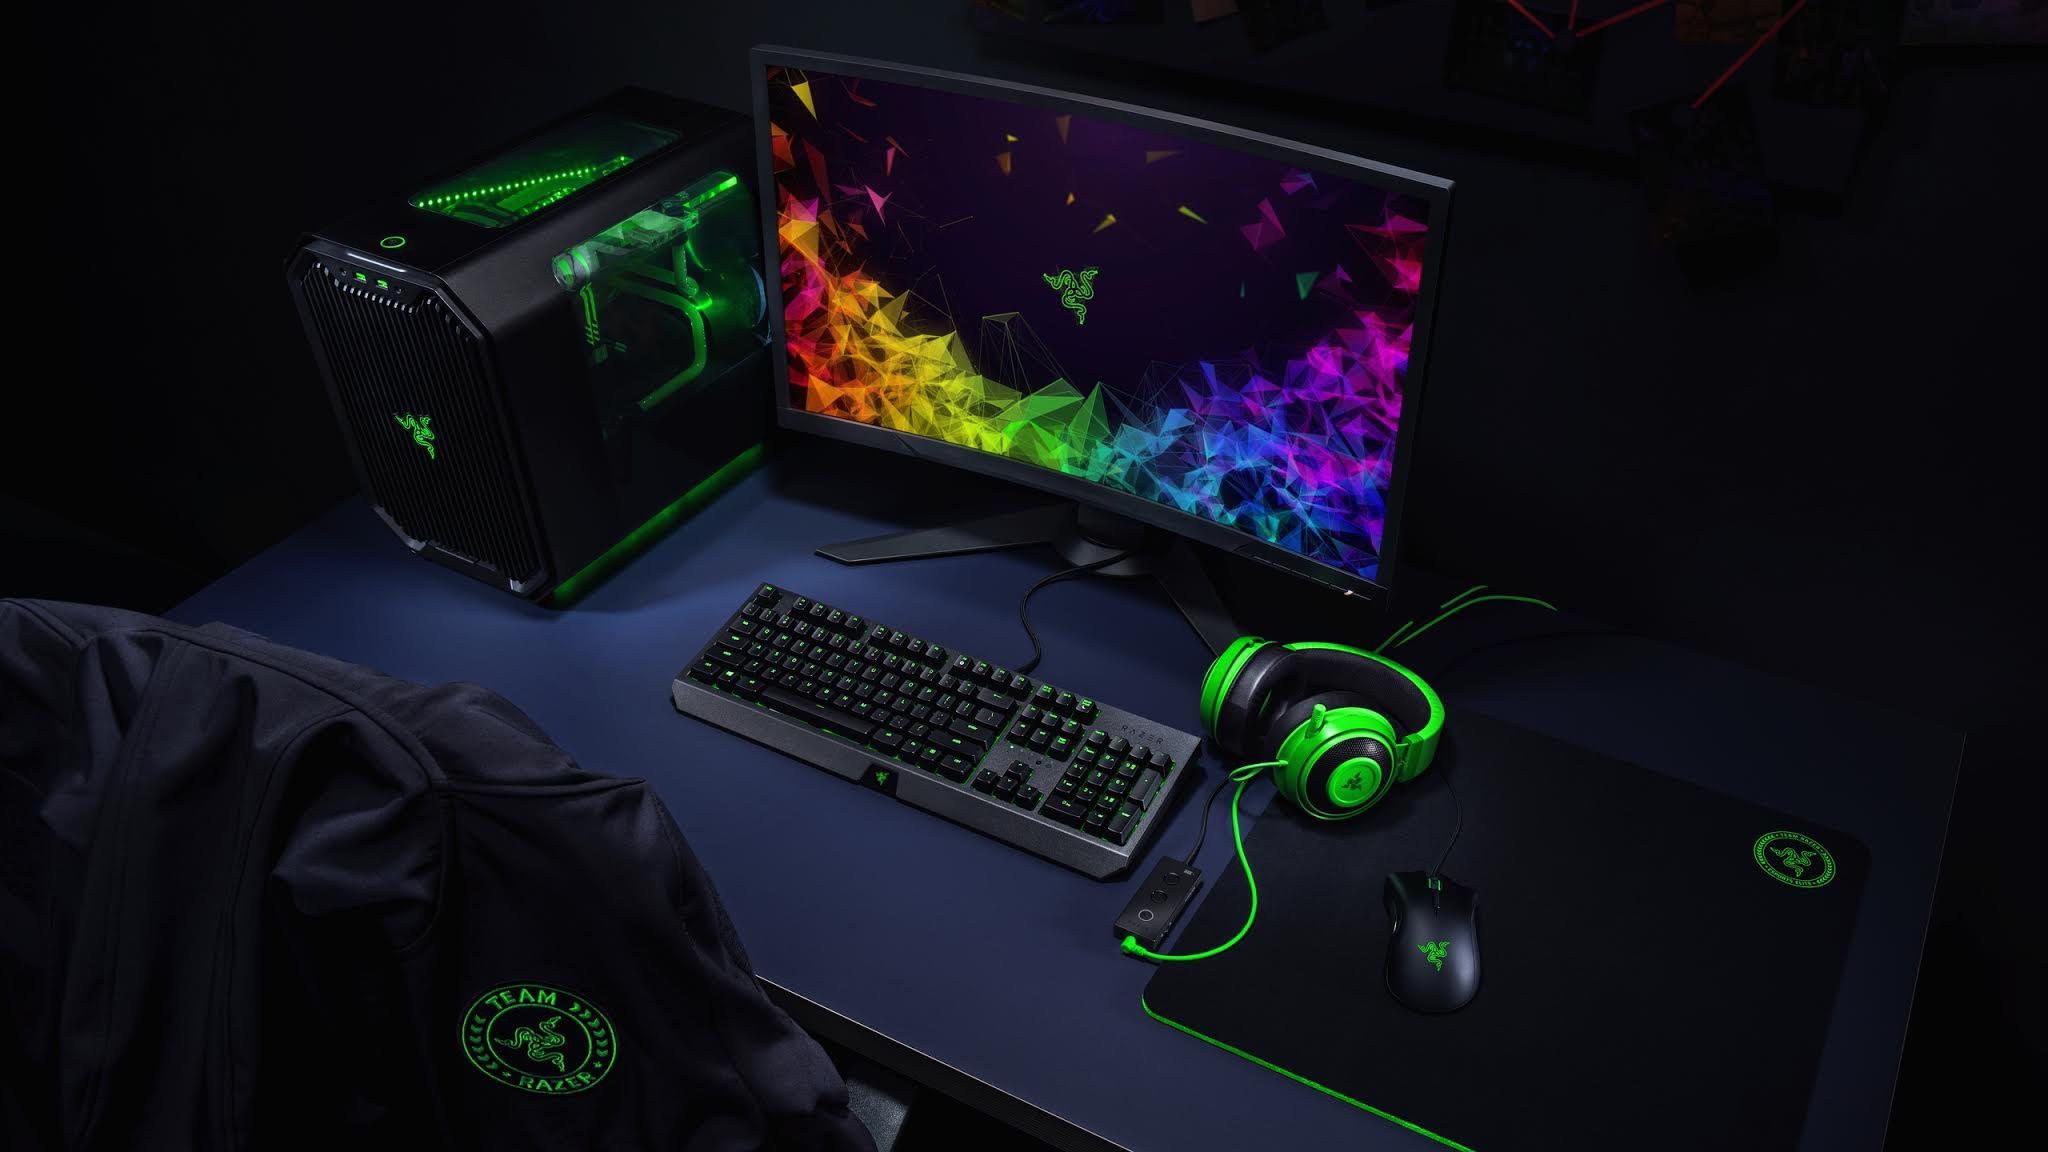 Razer Gaming Setup Wallpaper